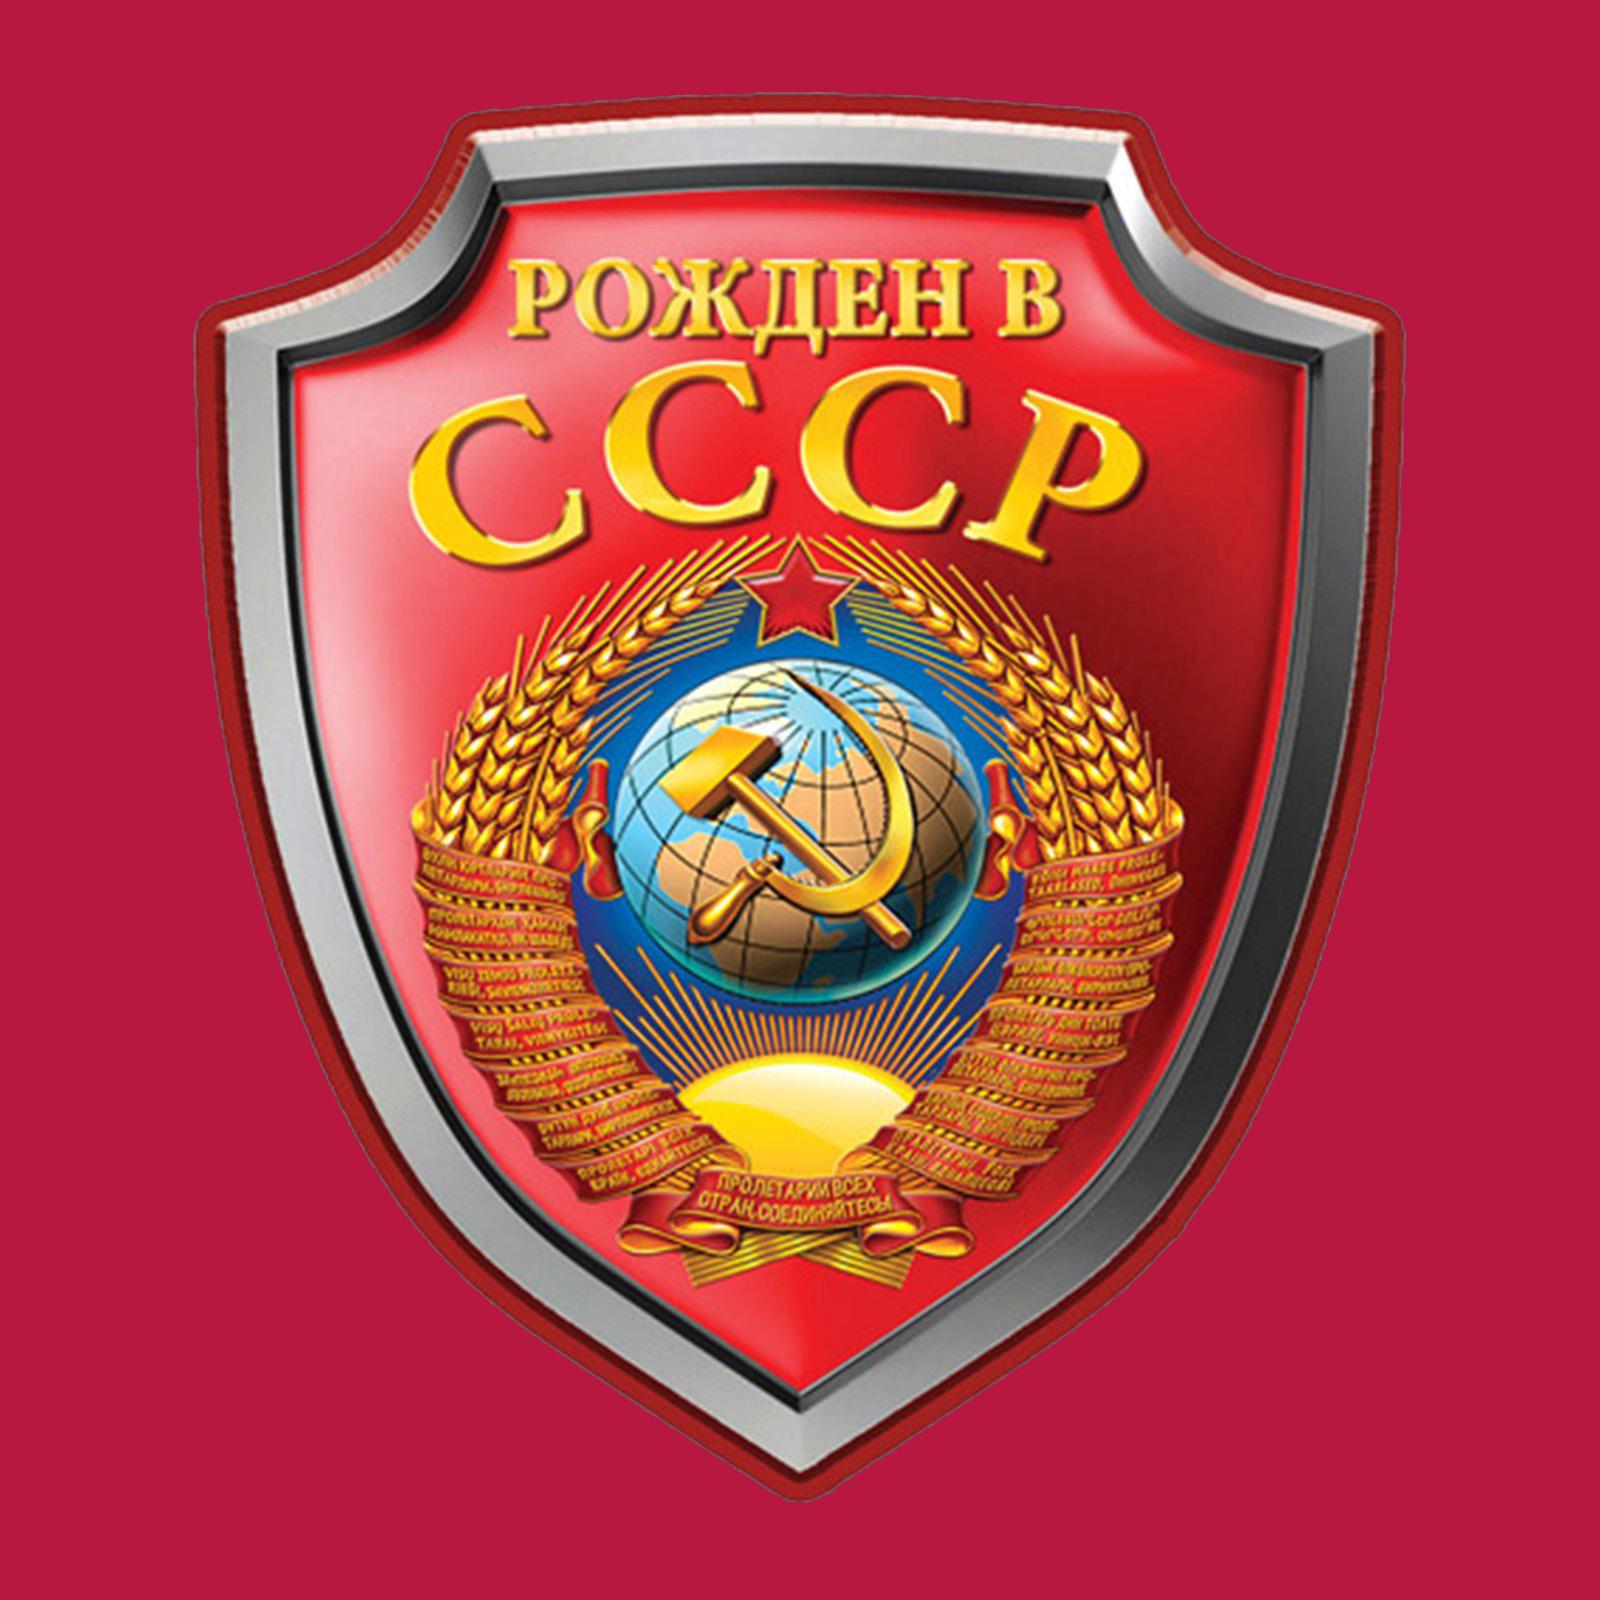 Купить сочную красную бейсболку с термотрансфером Рожден в СССР в подарок любимому